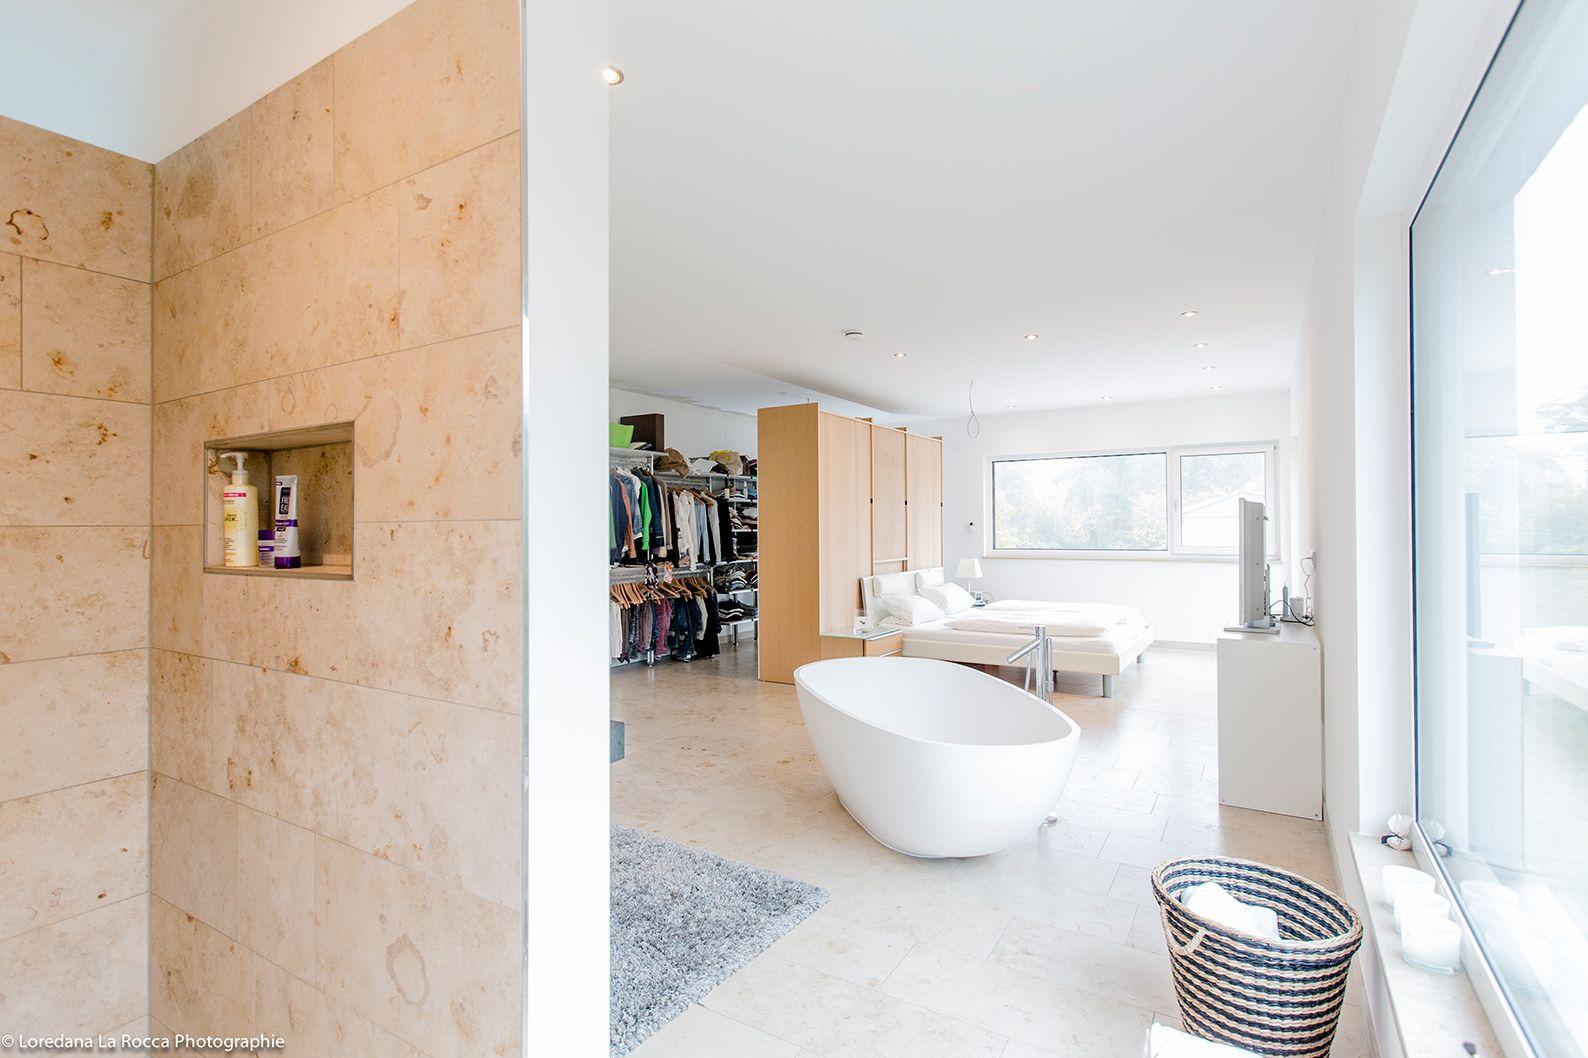 Haus Lastructura Fischerhaus Fertighaus Badezimmer Badezimmer Schlafzimmer Badewanne Offen Modern Klassisch W Fertighauser Badezimmerideen Badgestaltung